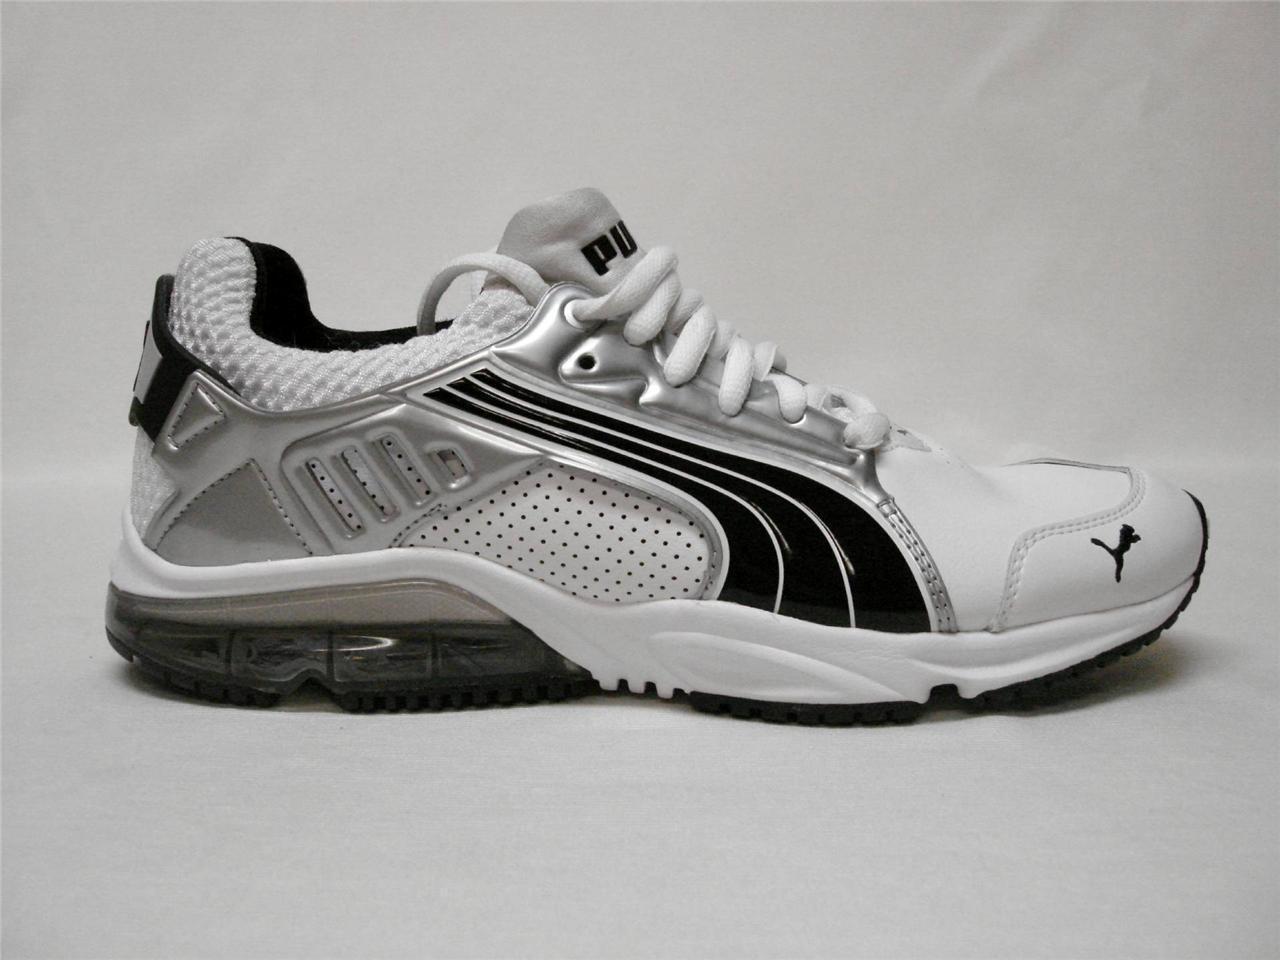 Nuevo En Caja PUMA POWERTECH BLAZE META Zapatos para hombre blancoo Plateado     7.5  Bonito Zapato's